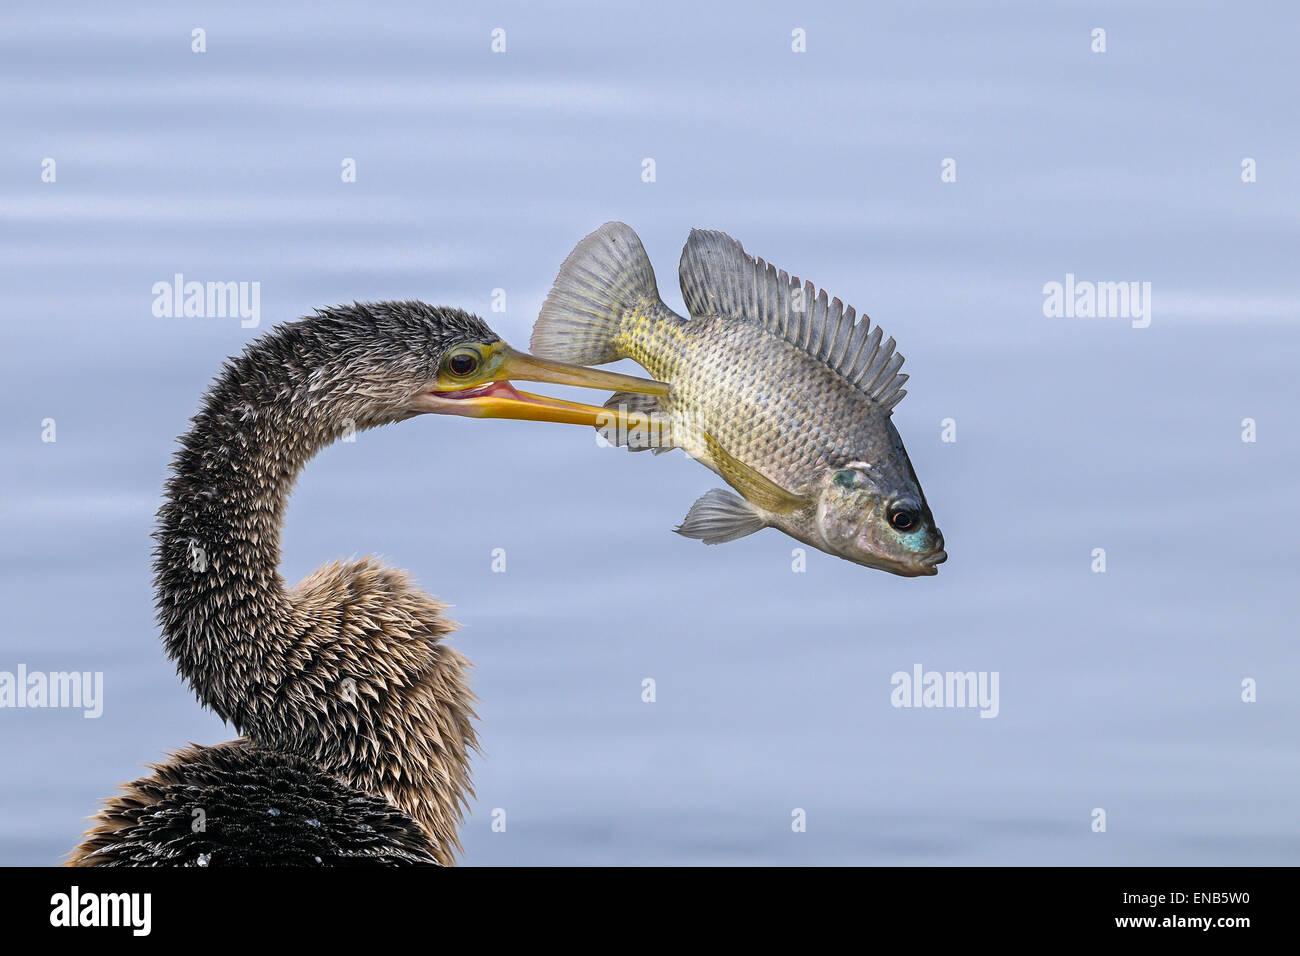 anhinga, anhinga anhinga - Stock Image